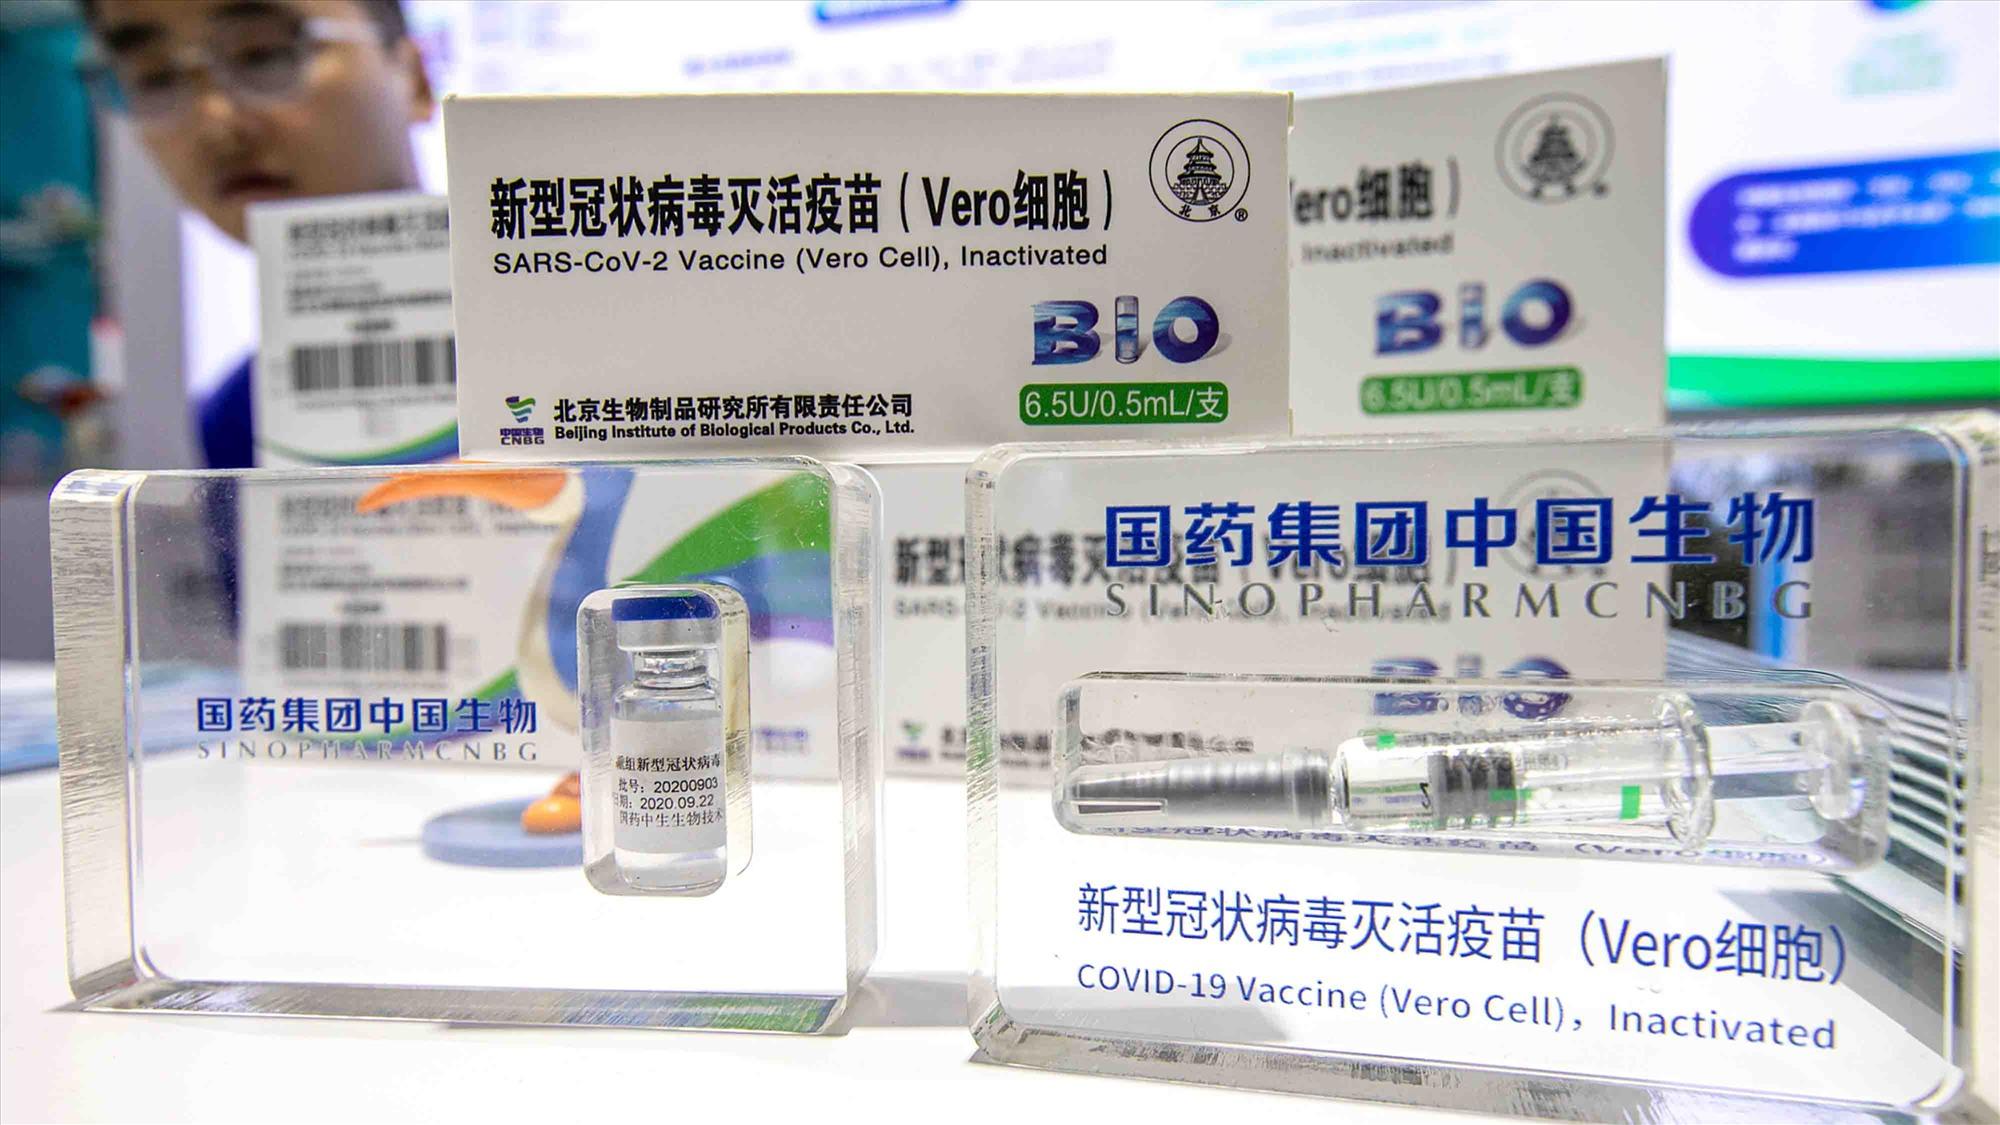 Vắc xin Vero Cell phòng Covid-19 do Sinopharm sản xuất đã được WHO cấp phép sử dụng trong trường hợp khẩn cấp. Ảnh: CGTN